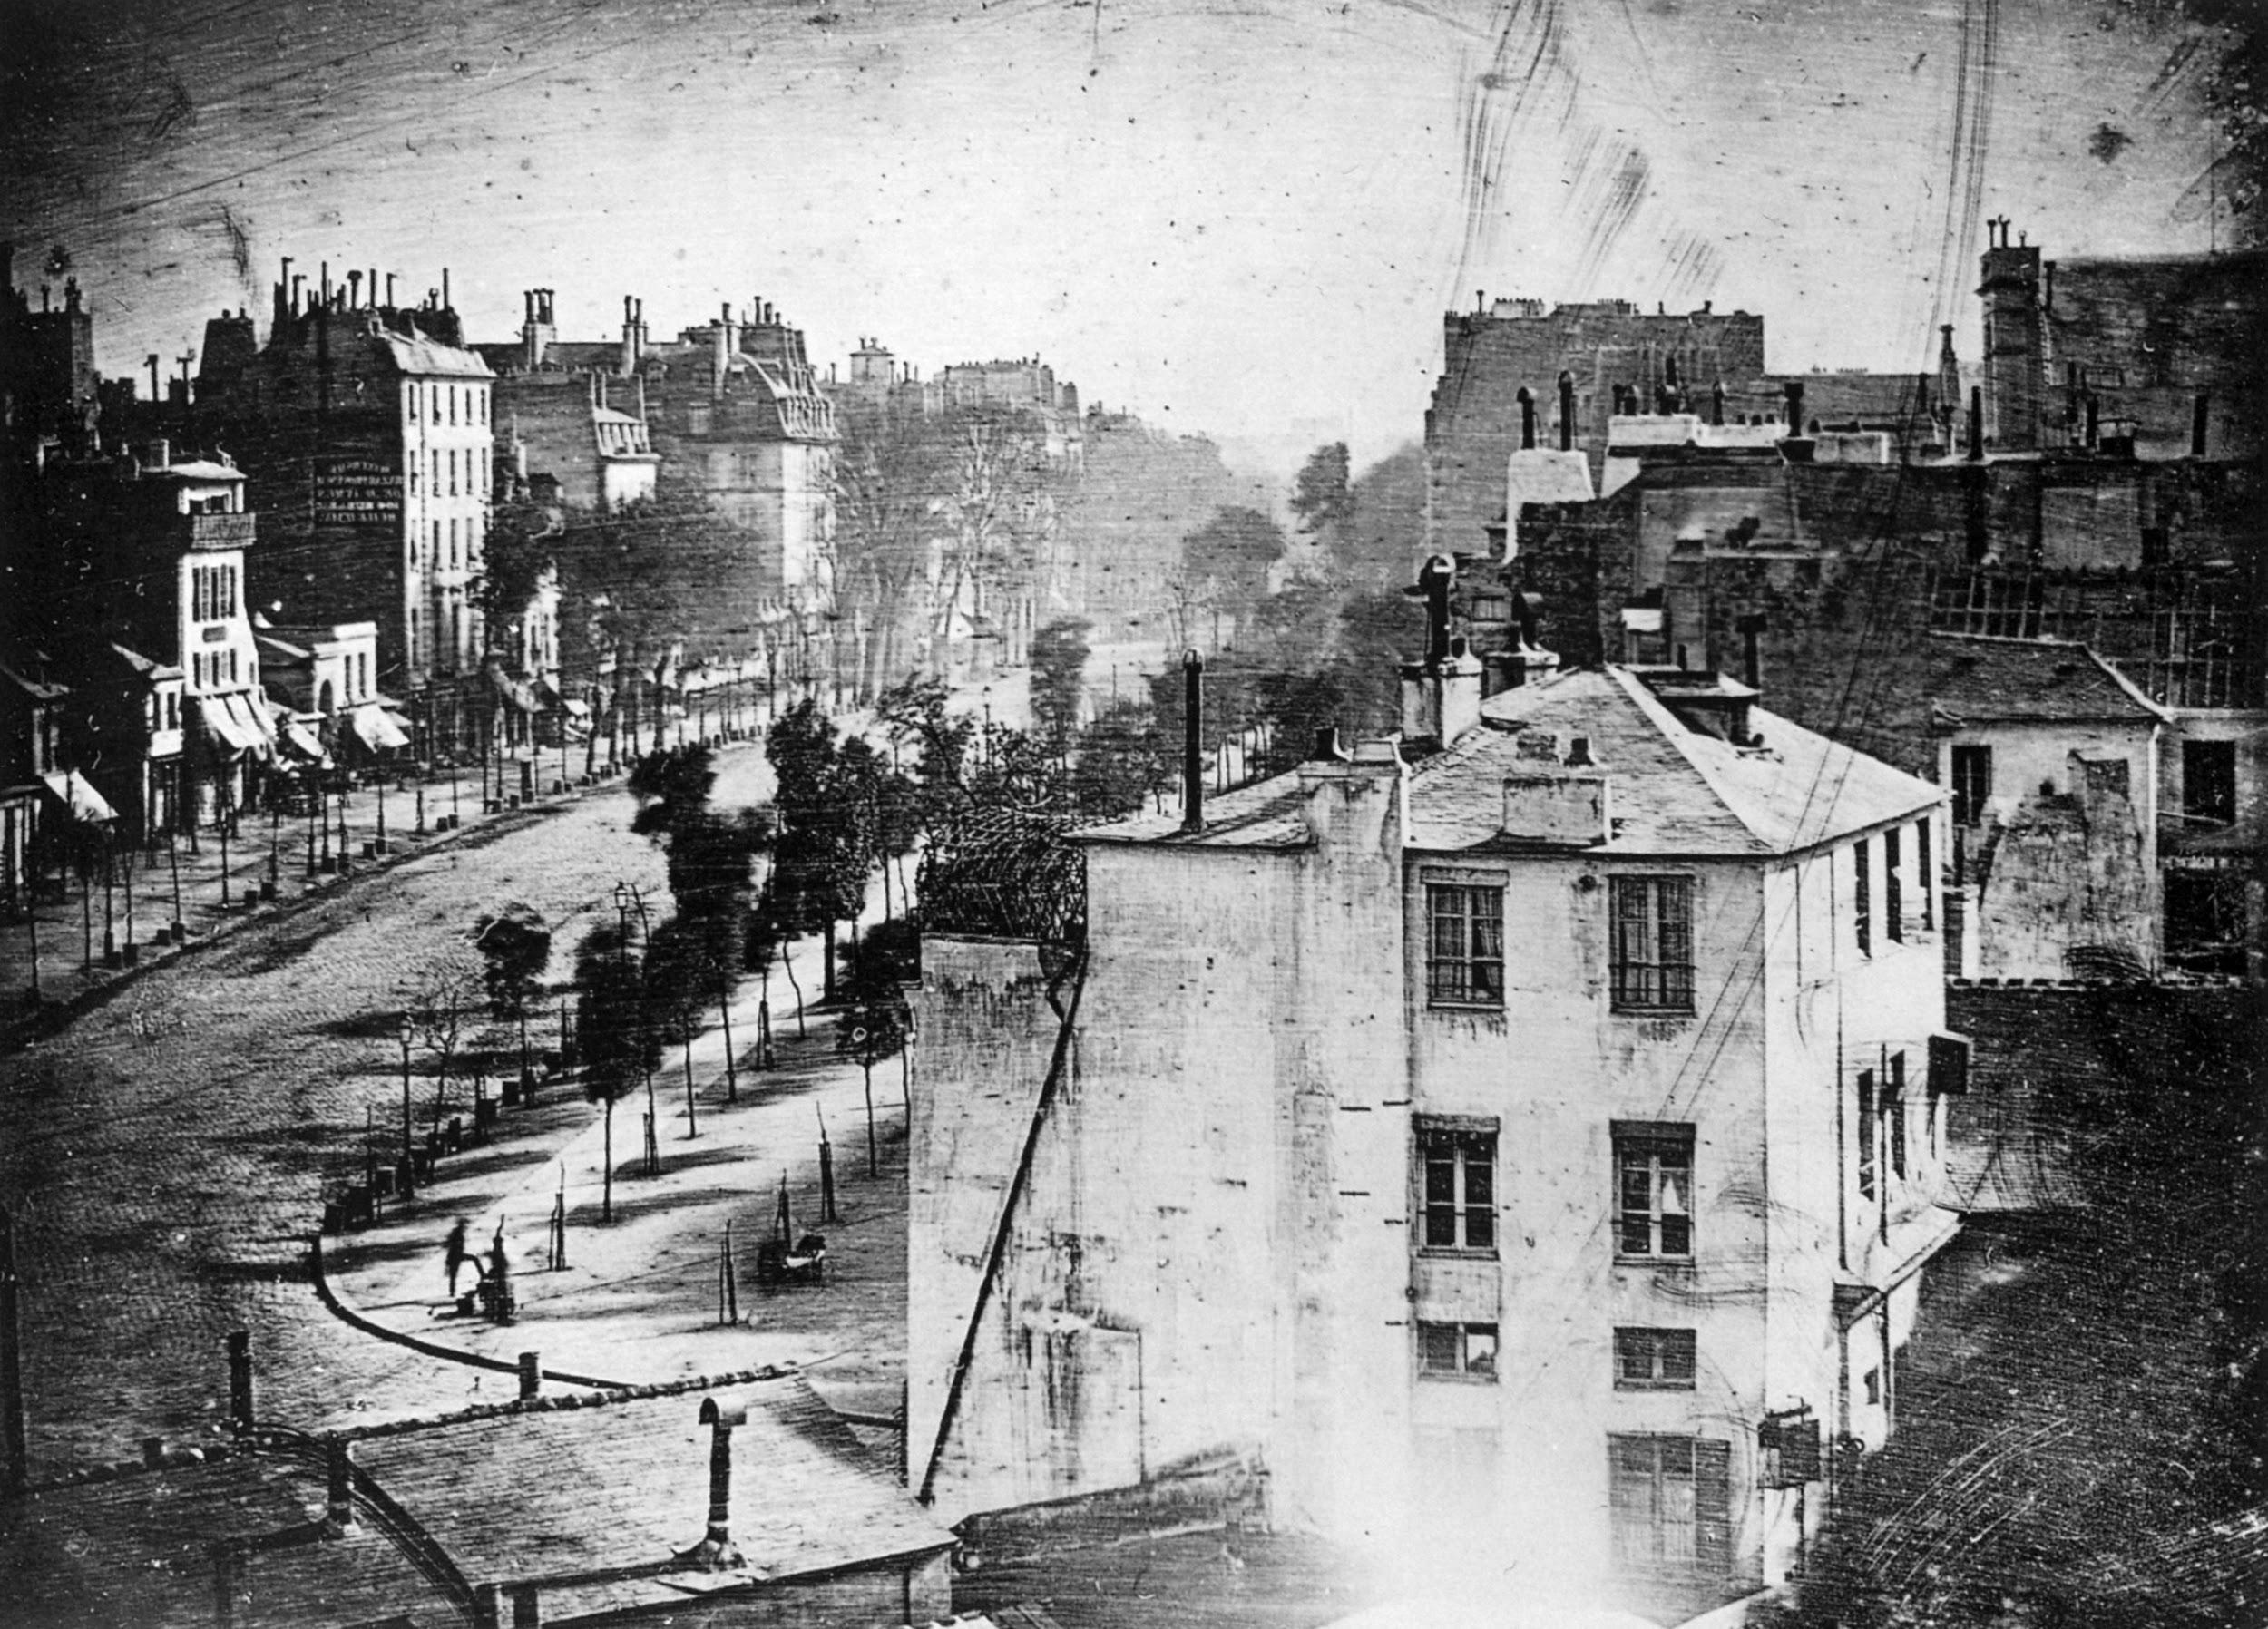 A daguerreotype. First known photo of human. Boulevard du Temple, Paris. 1838.